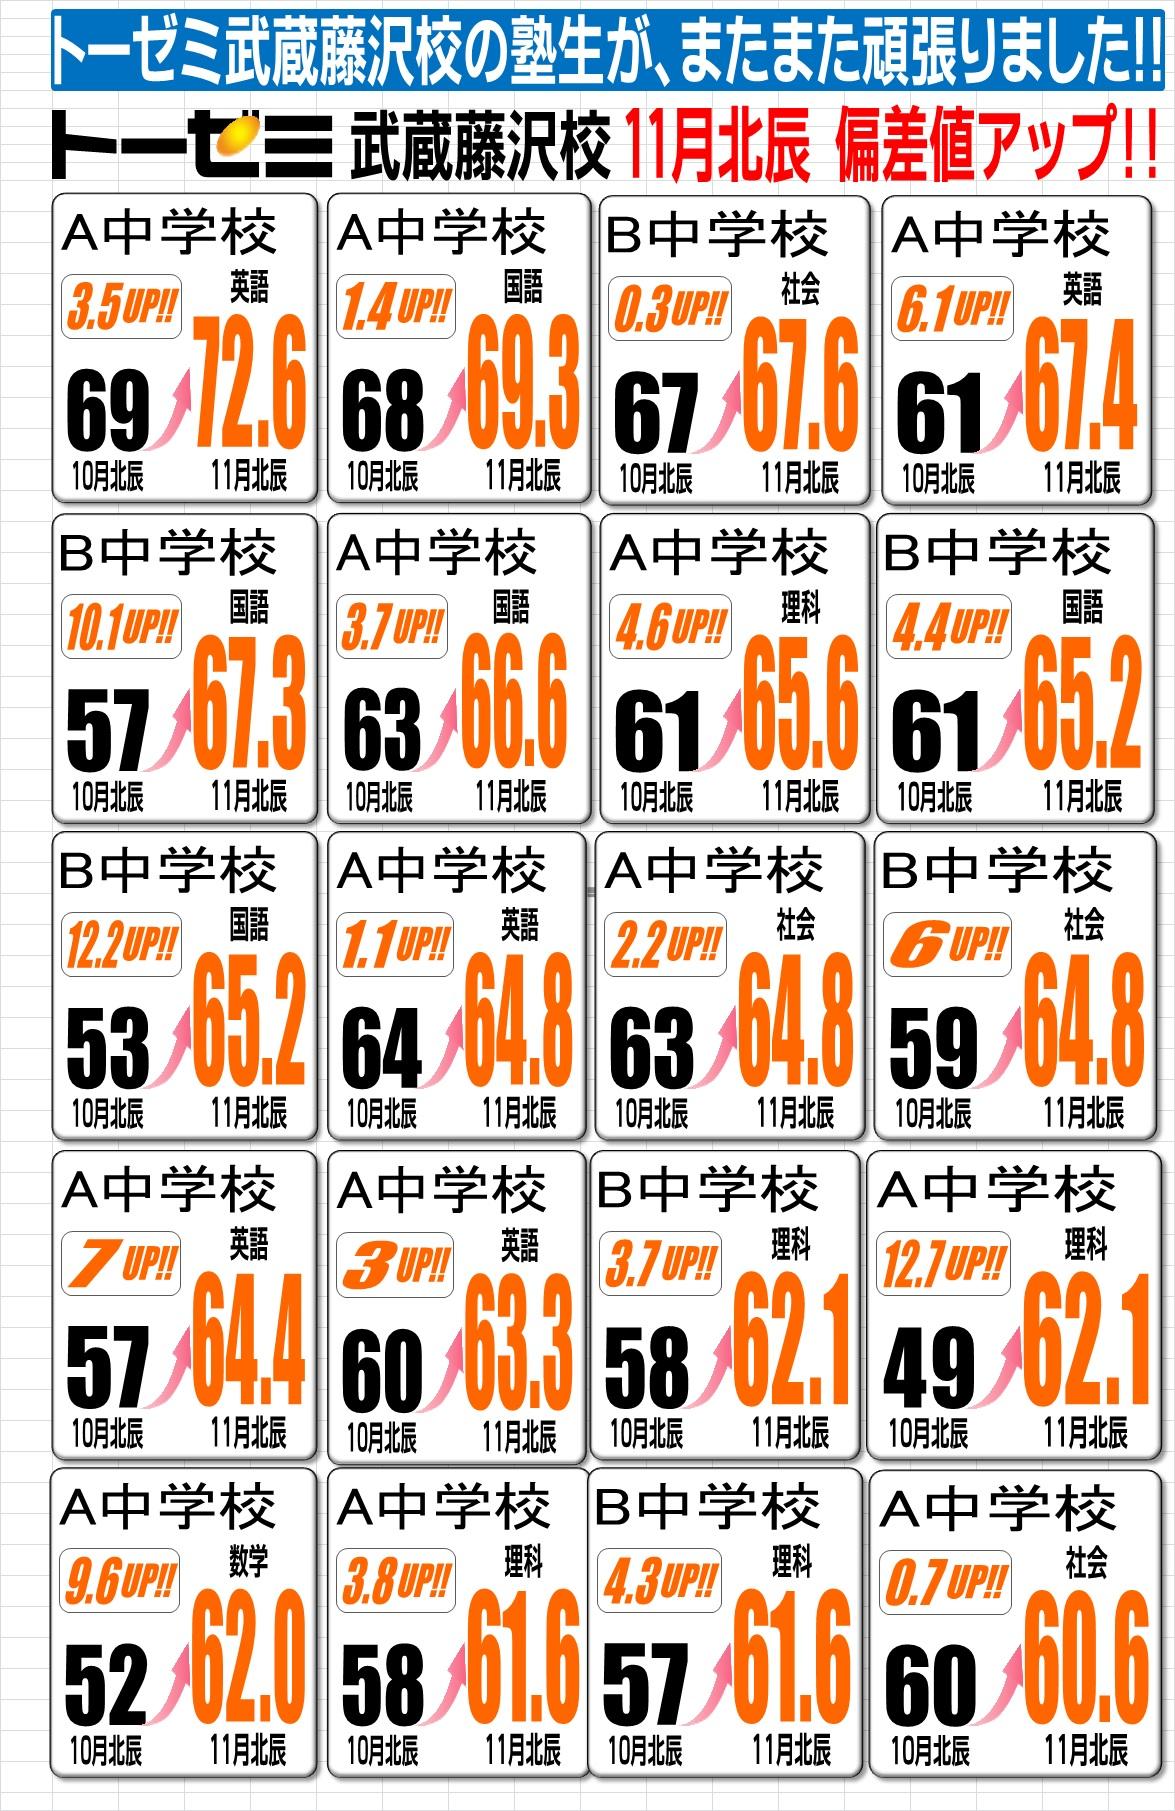 2019%e5%8c%97%e8%be%b0%e2%91%a52